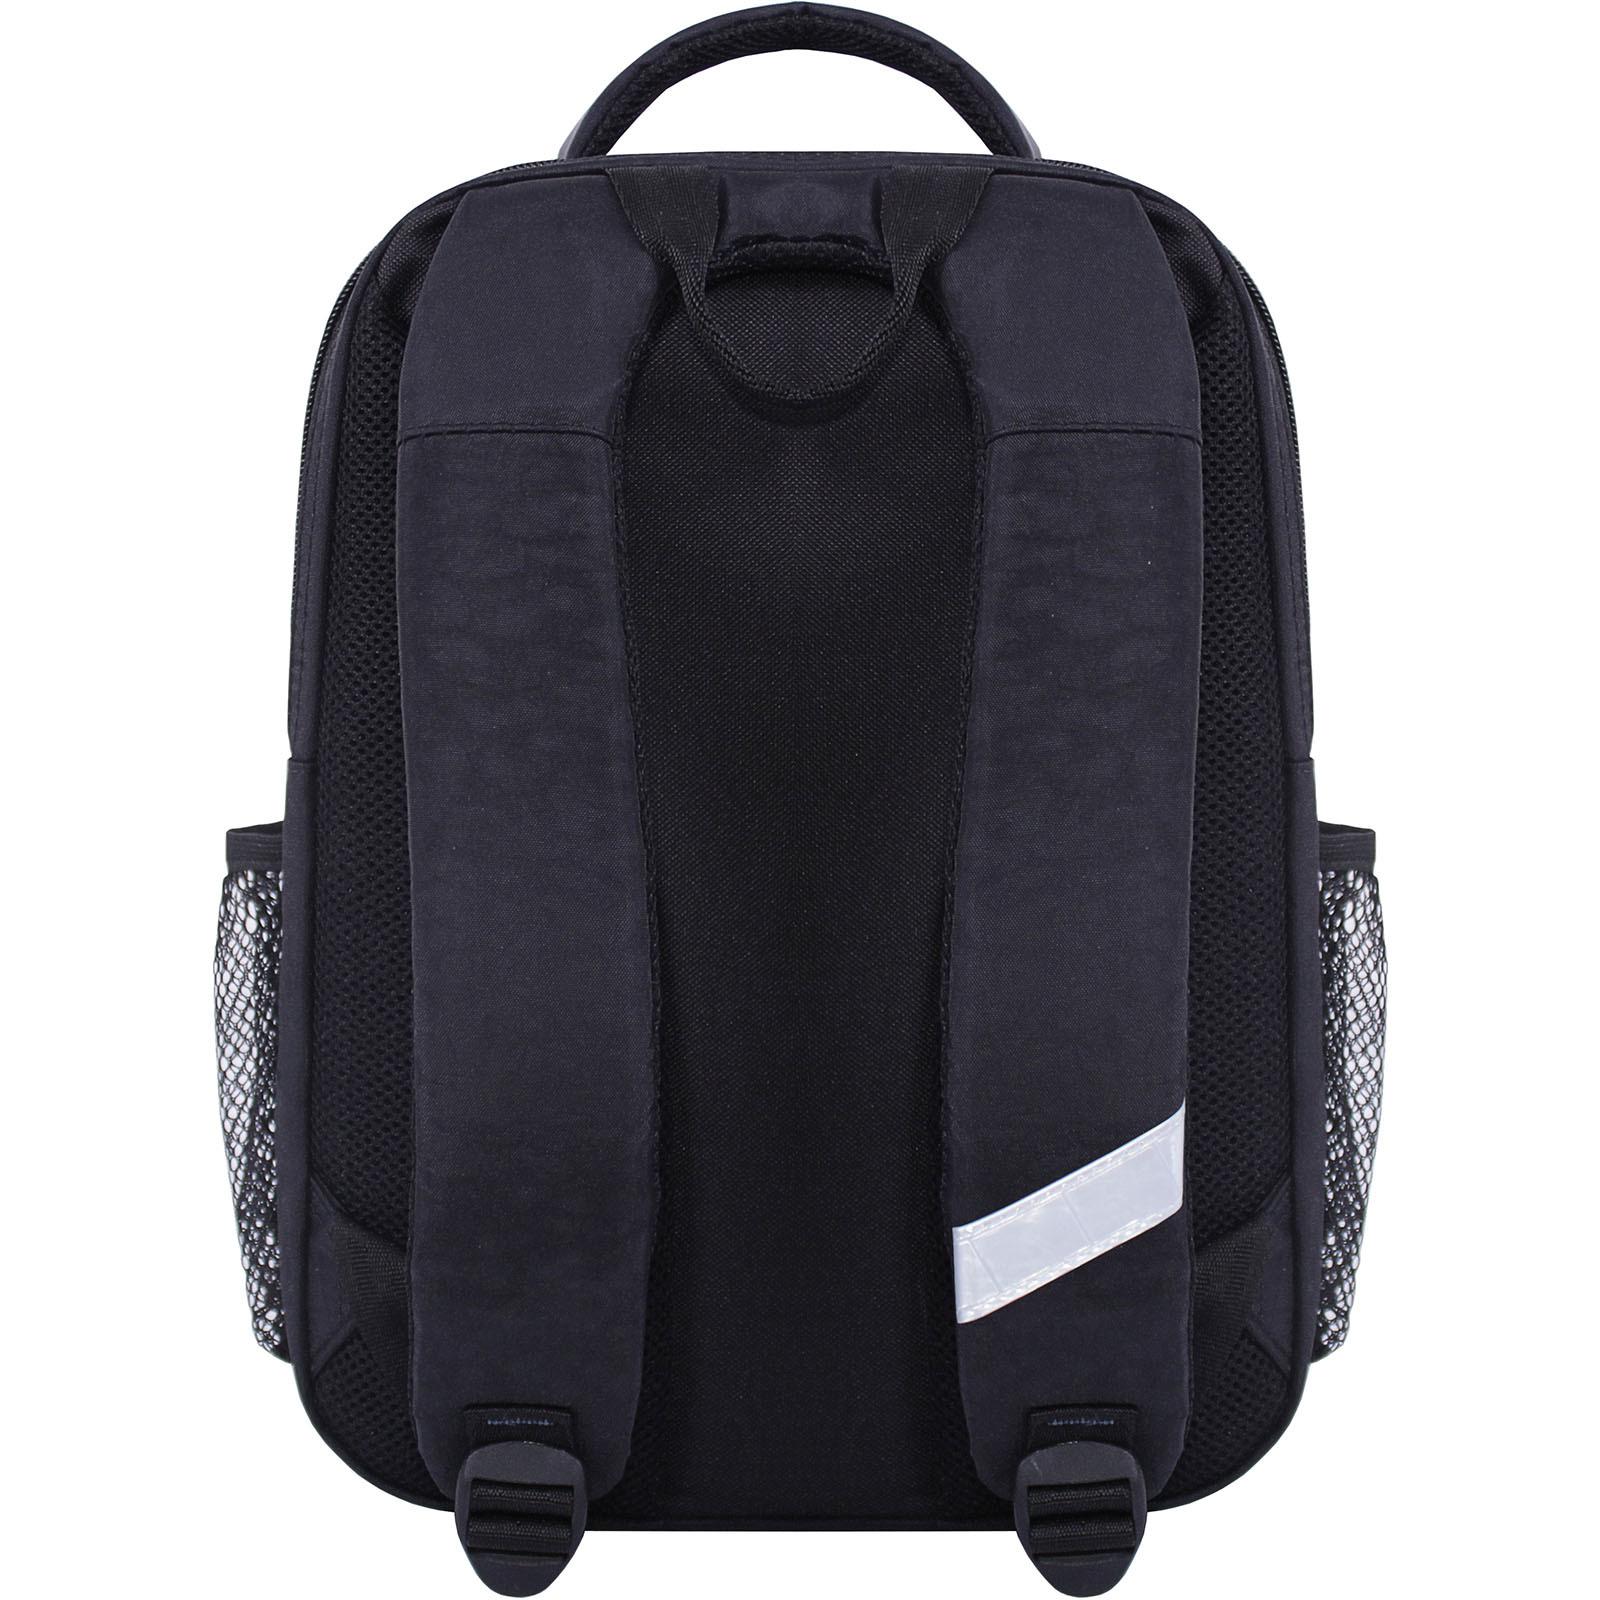 Рюкзак школьный Bagland Школьник 8 л. Черный 419 (0012870) фото 3